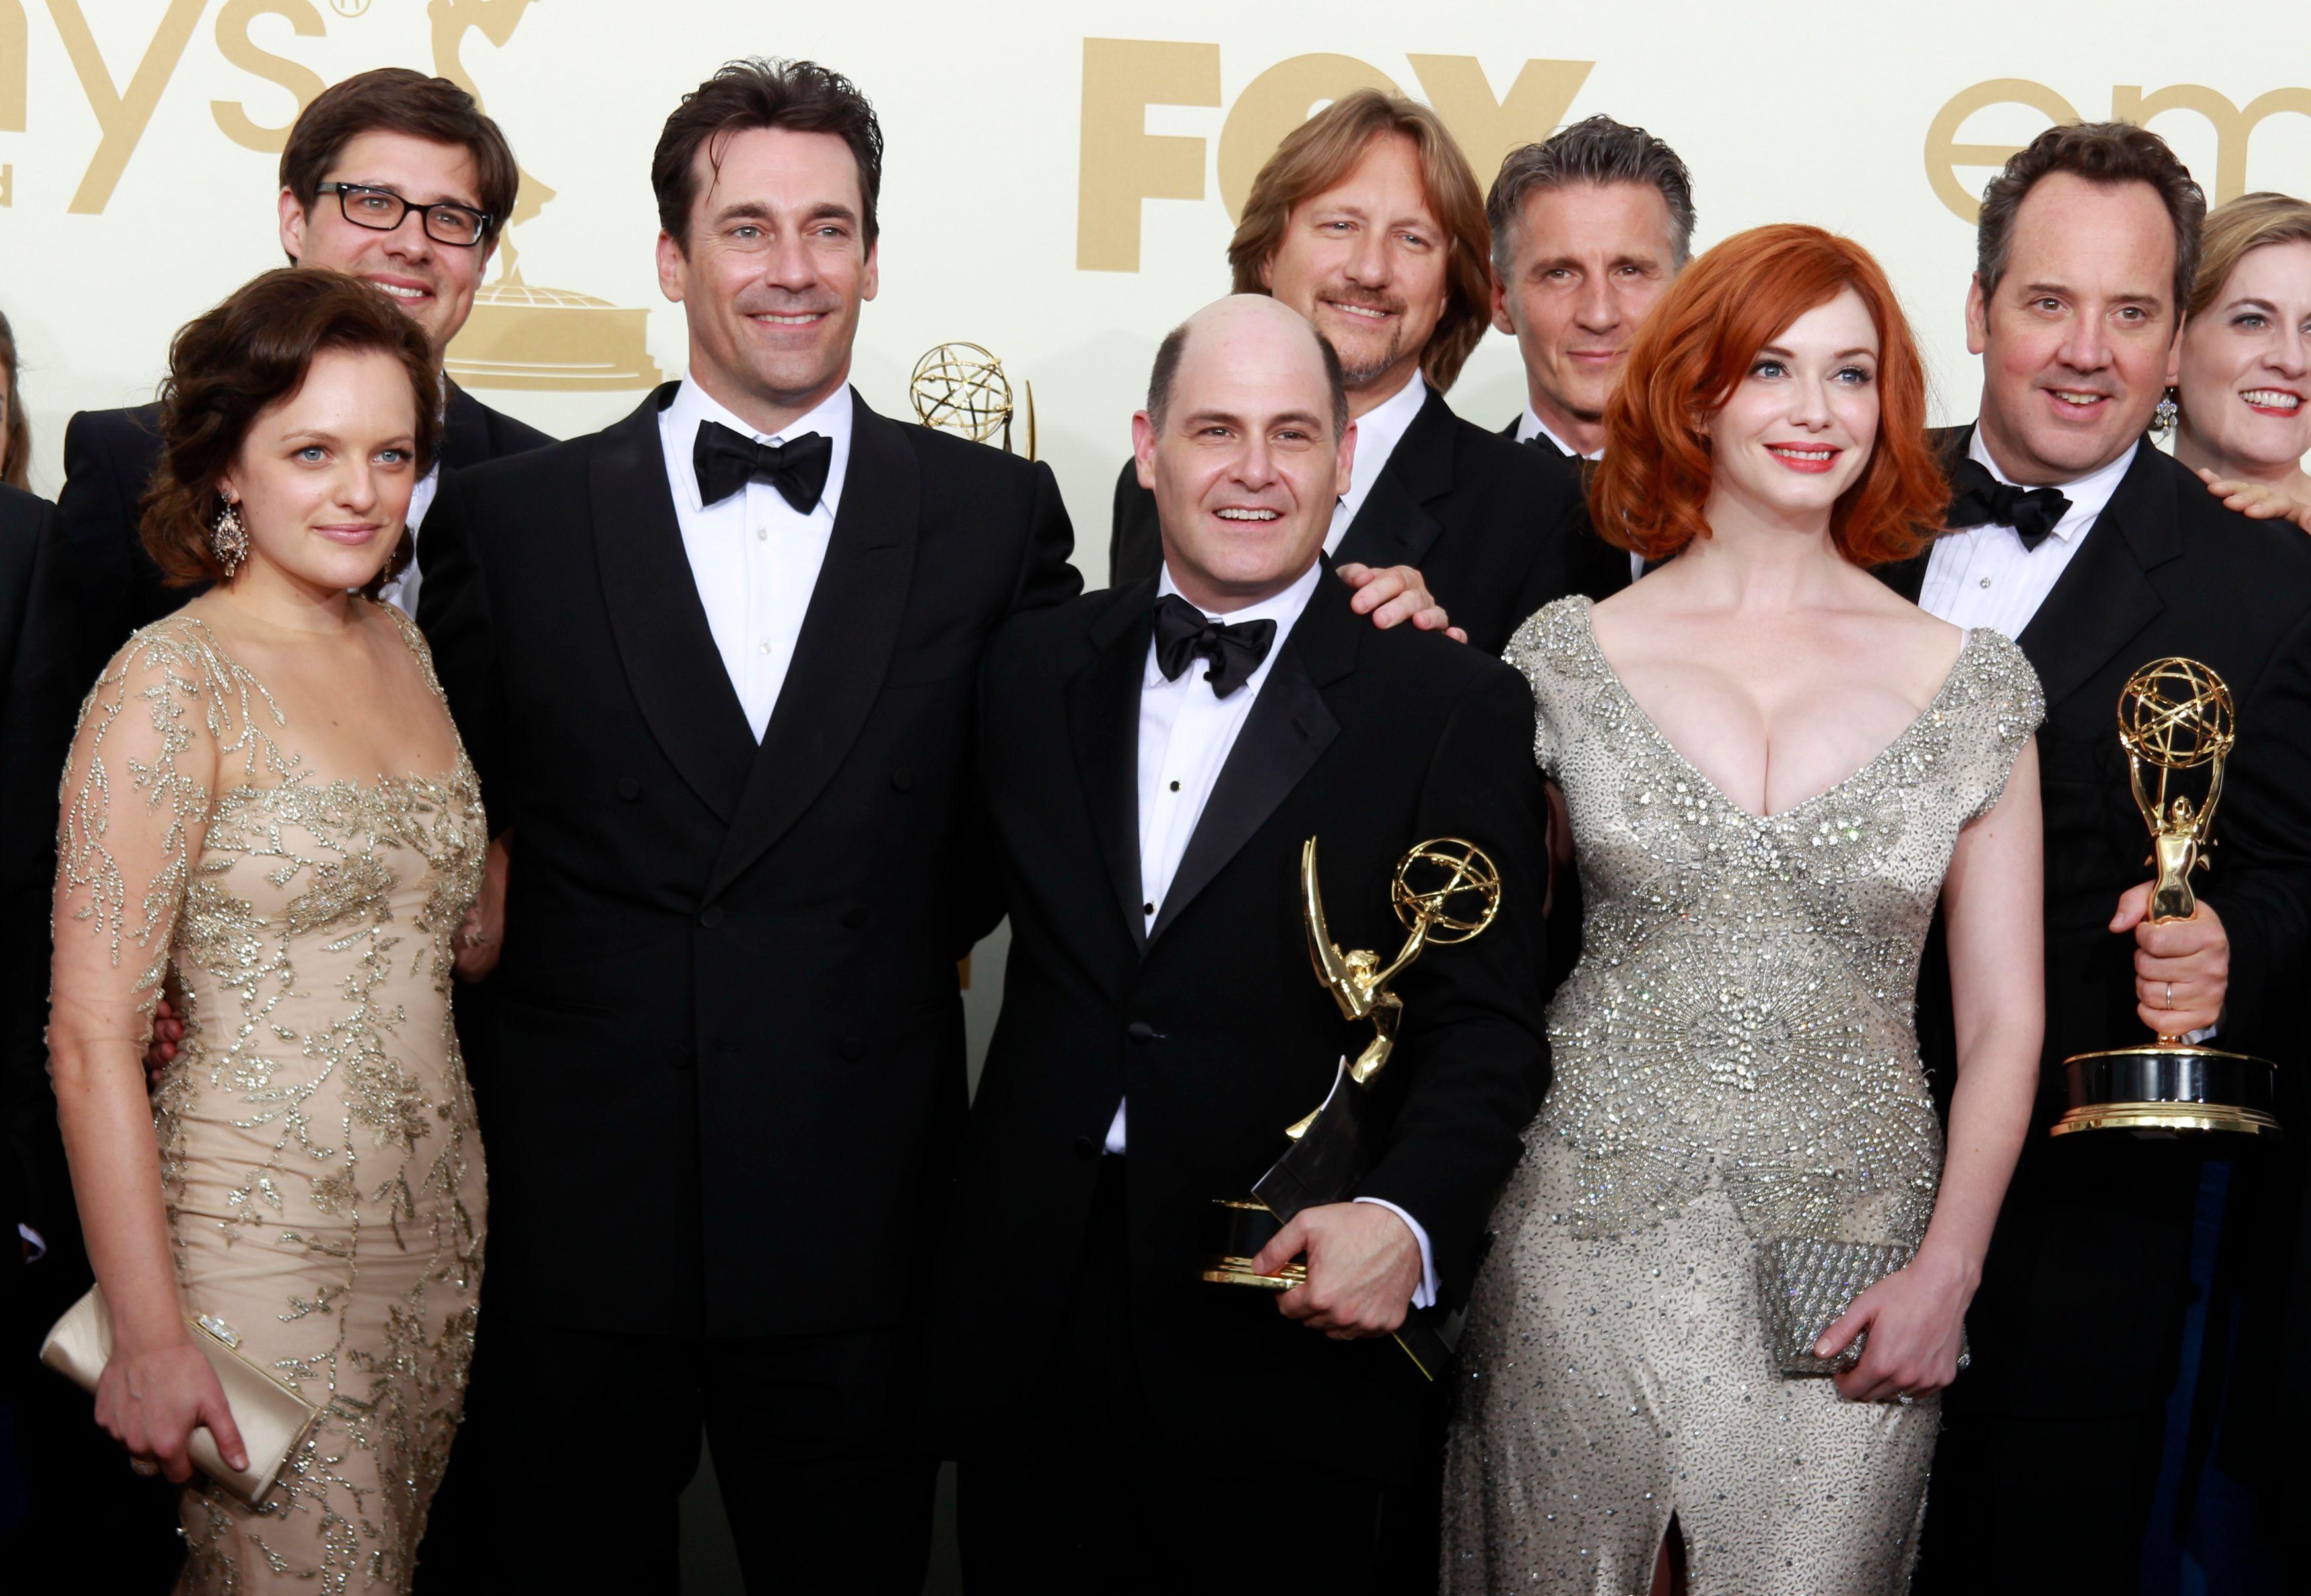 La série américaine Mad Men fait partie des nominés aux Emmy Awards 2012.